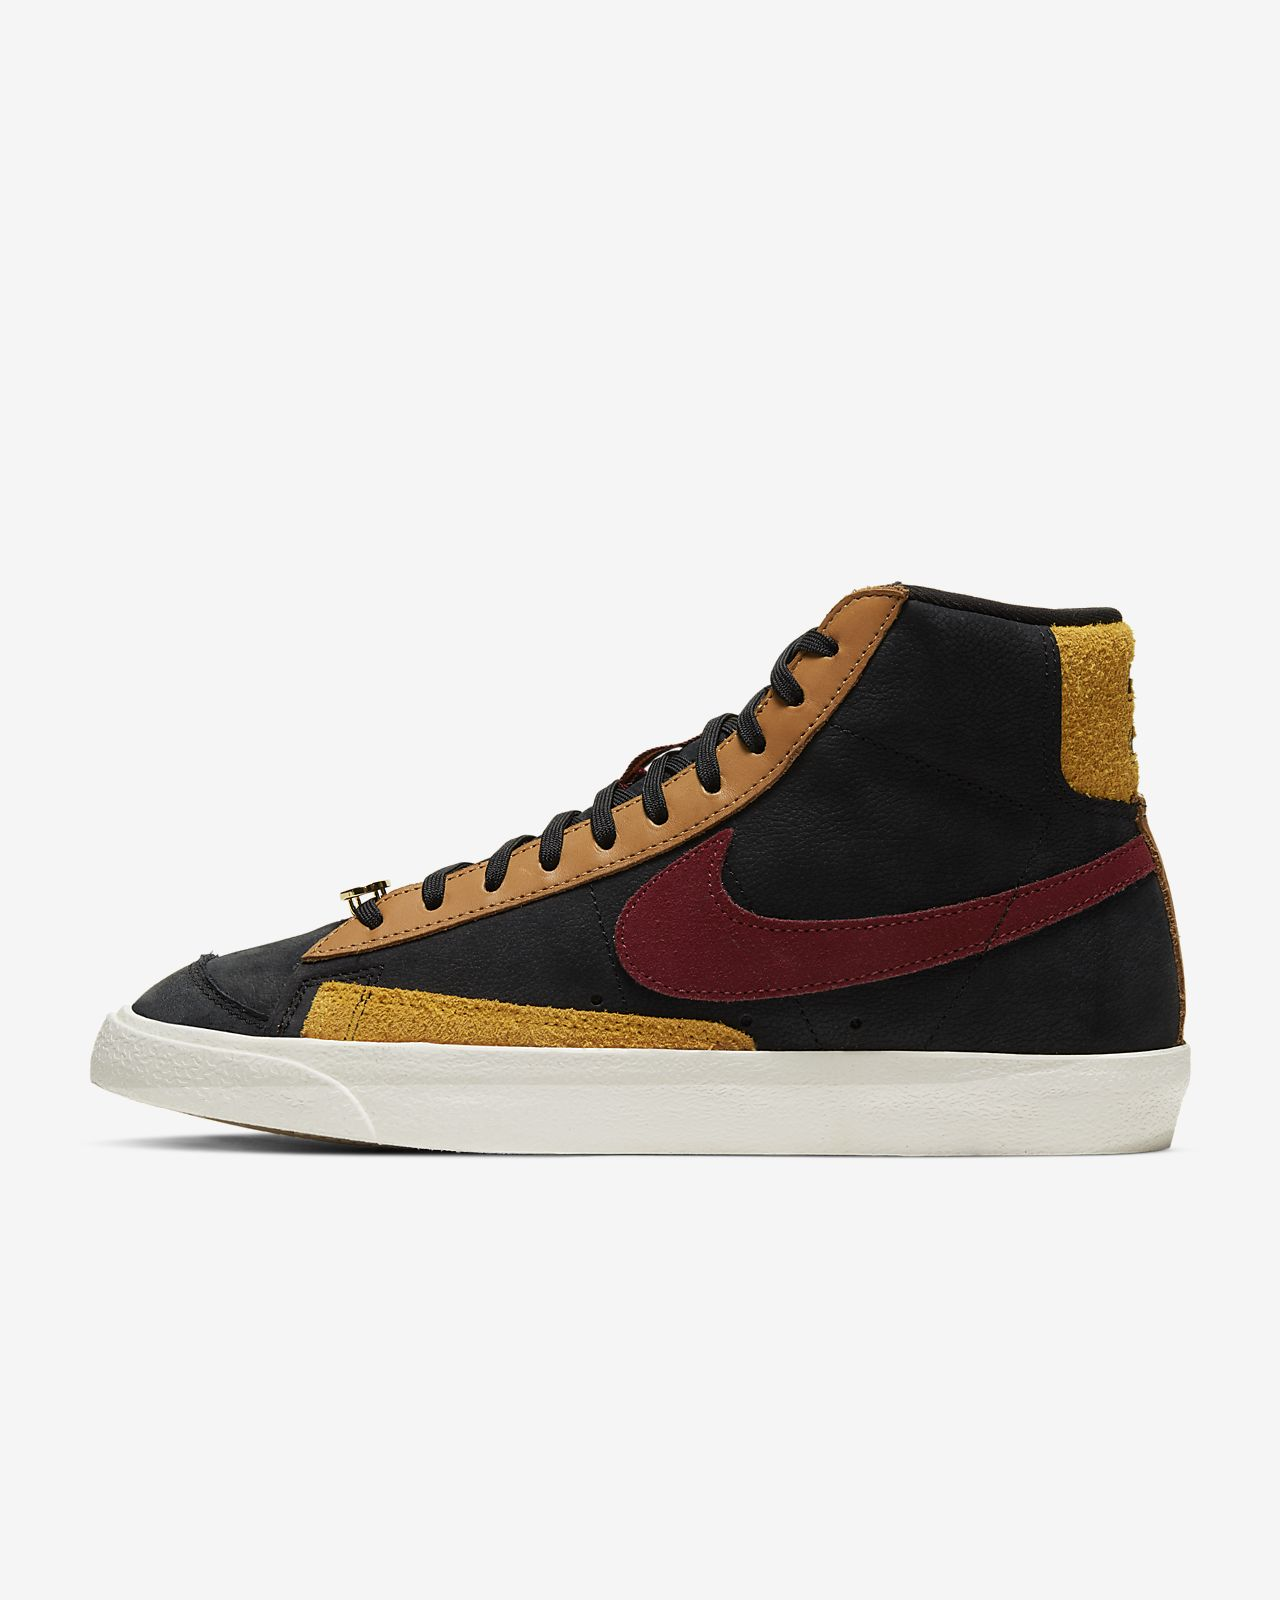 Nike Blazer Mid '77 Schoen